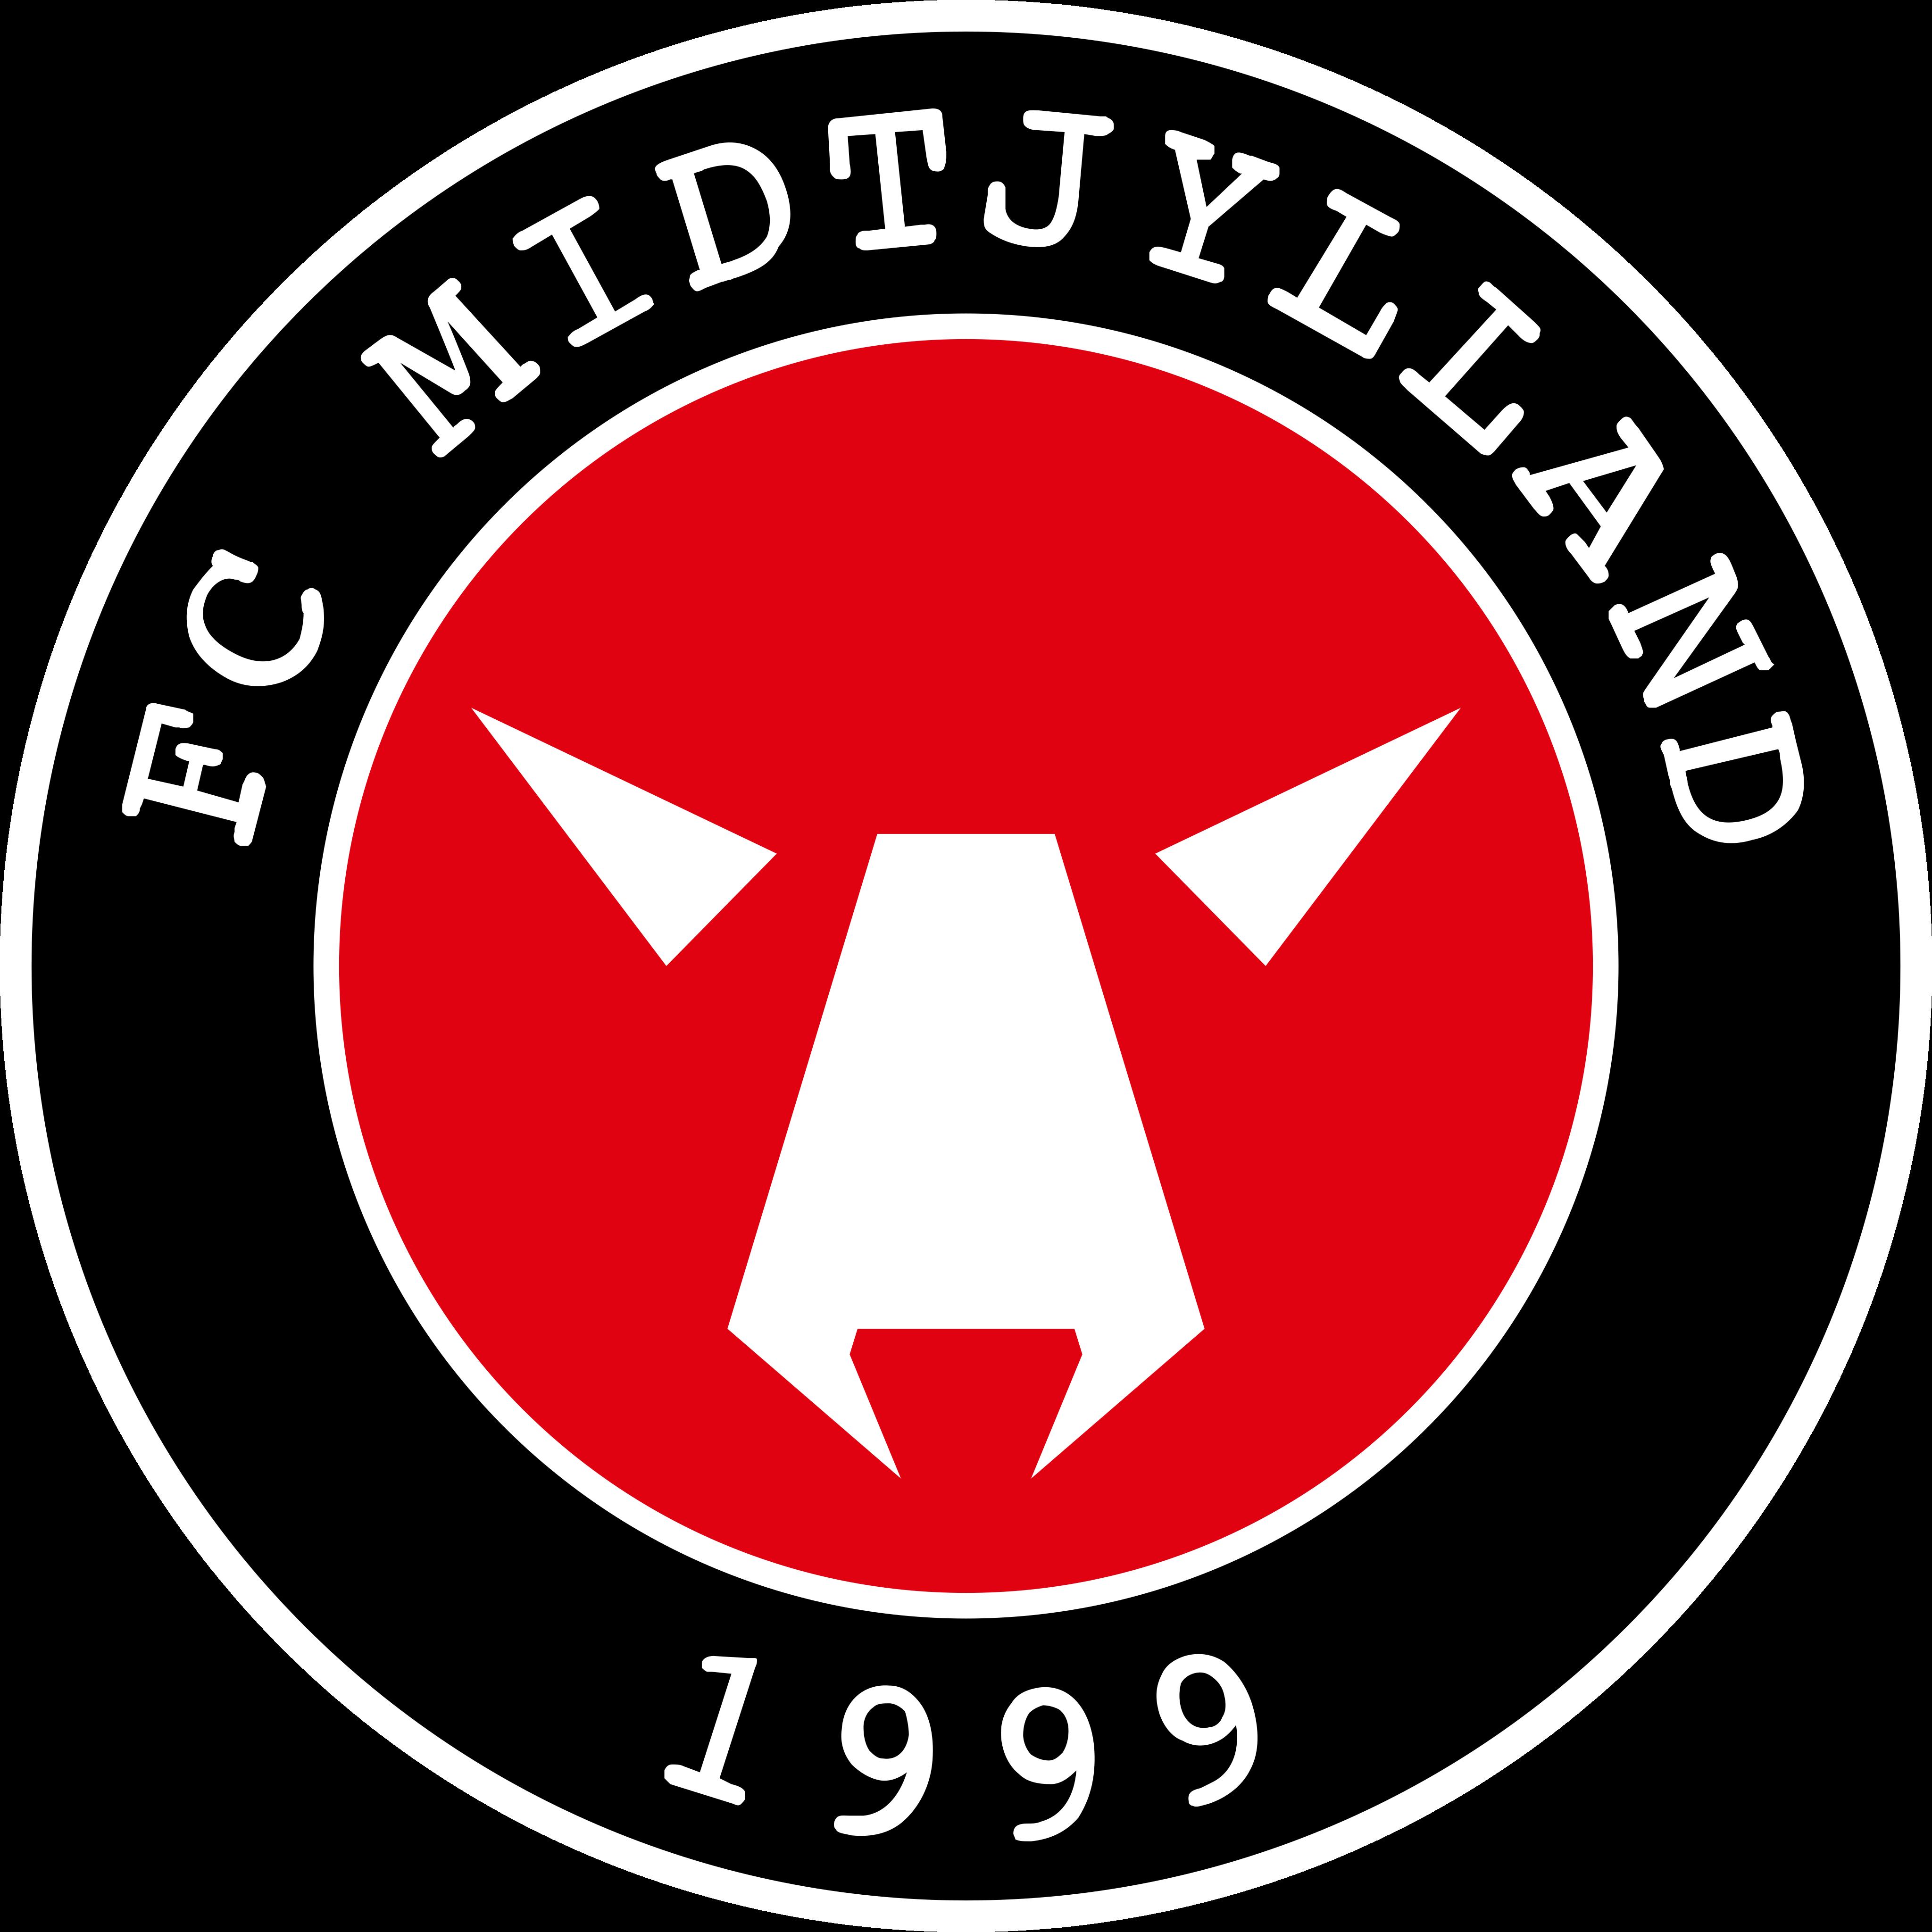 FC Midtjylland Logo.